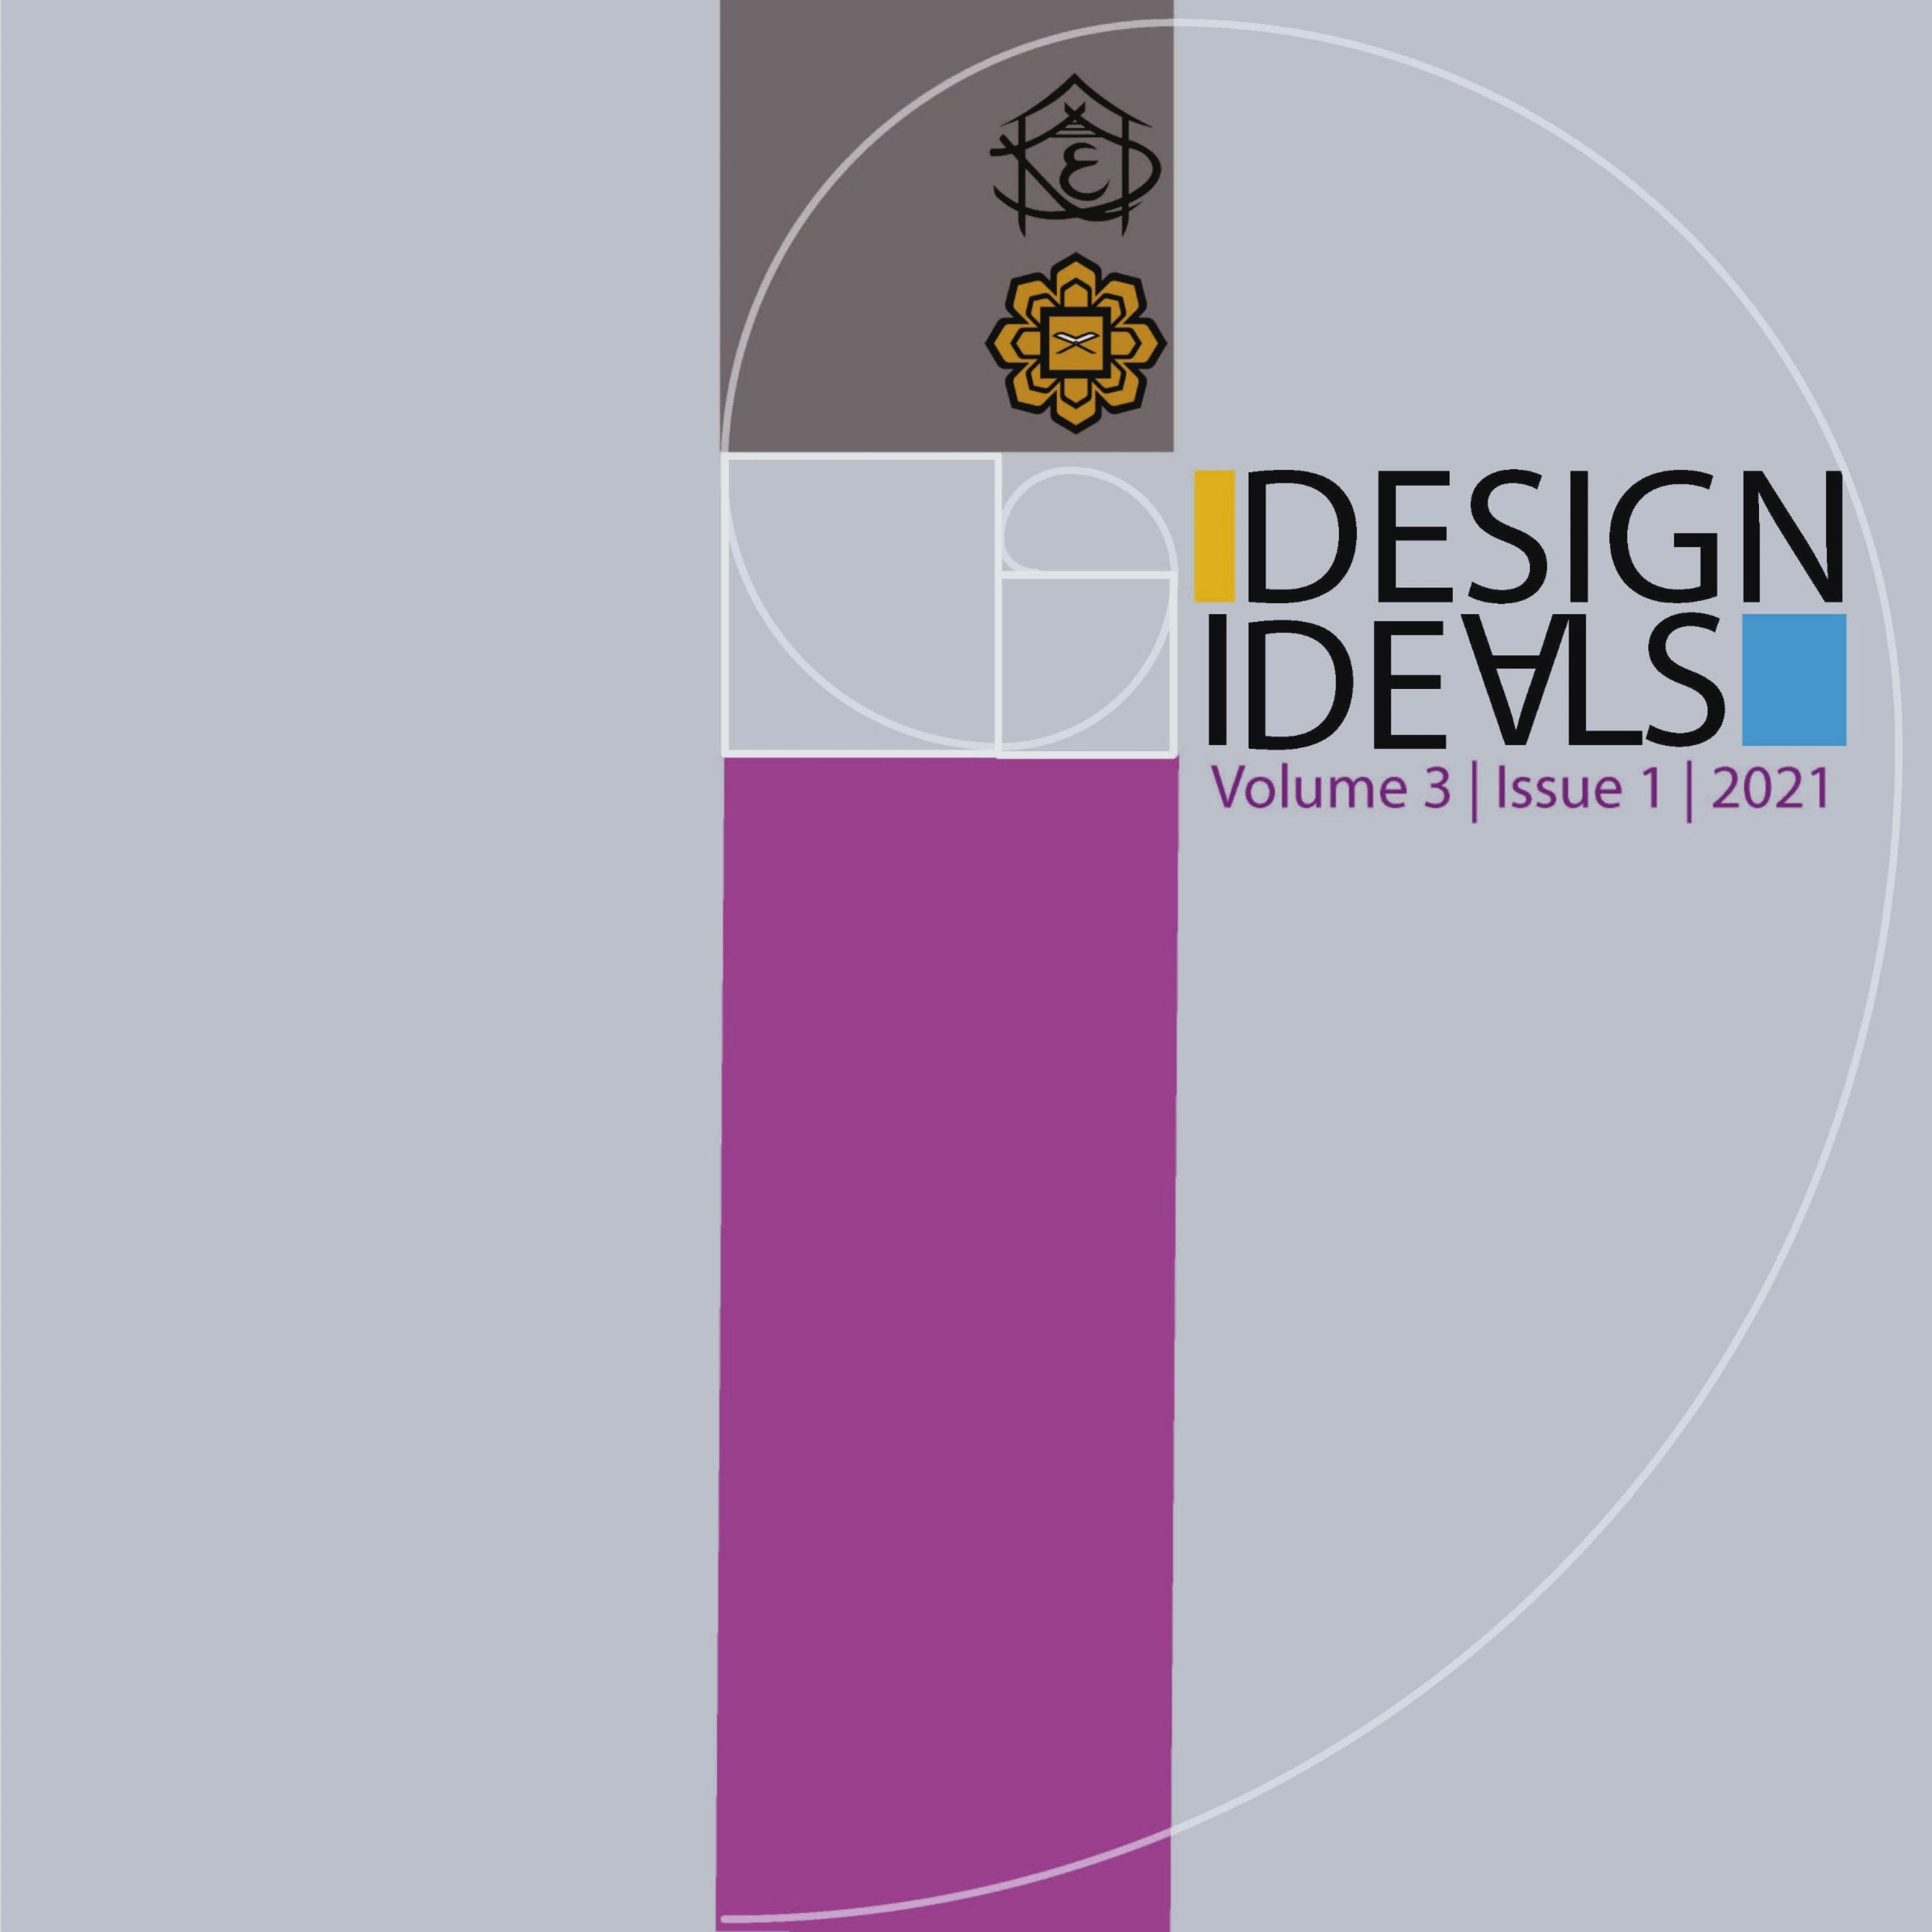 Vol. 3 No. 1 (2021): Design Ideals Journal